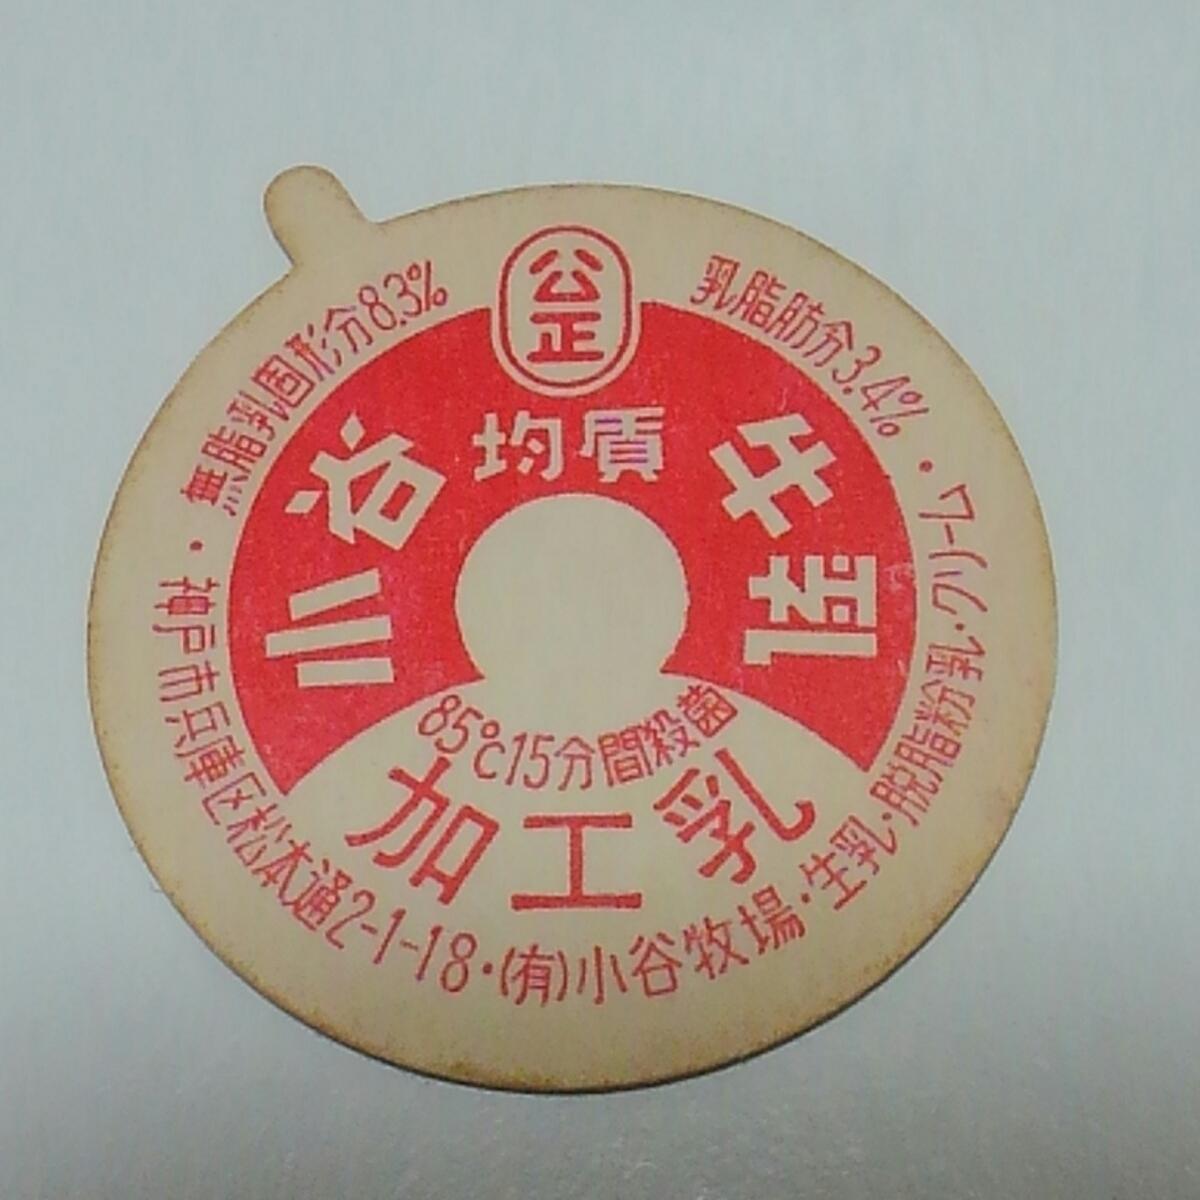 【牛乳キャップ】30年以上前 小谷均質牛乳 未使用 兵庫県/(有)小谷牧場